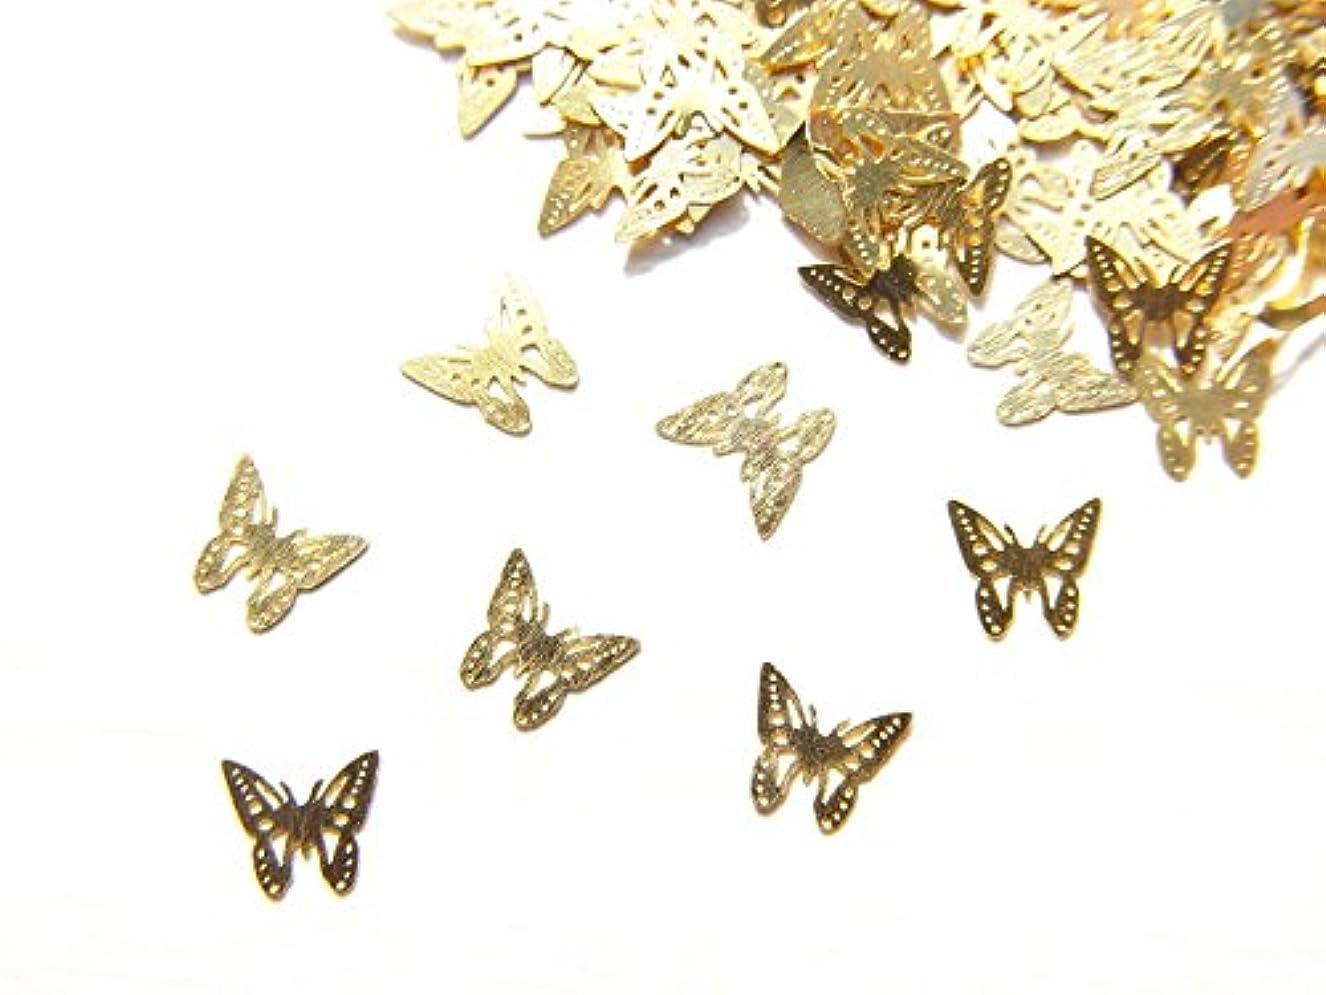 私たちのもの言い訳祖父母を訪問【jewel】ug24 薄型ゴールド メタルパーツ Sサイズ バタフライ 蝶 A 10個入り ネイルアートパーツ レジンパーツ